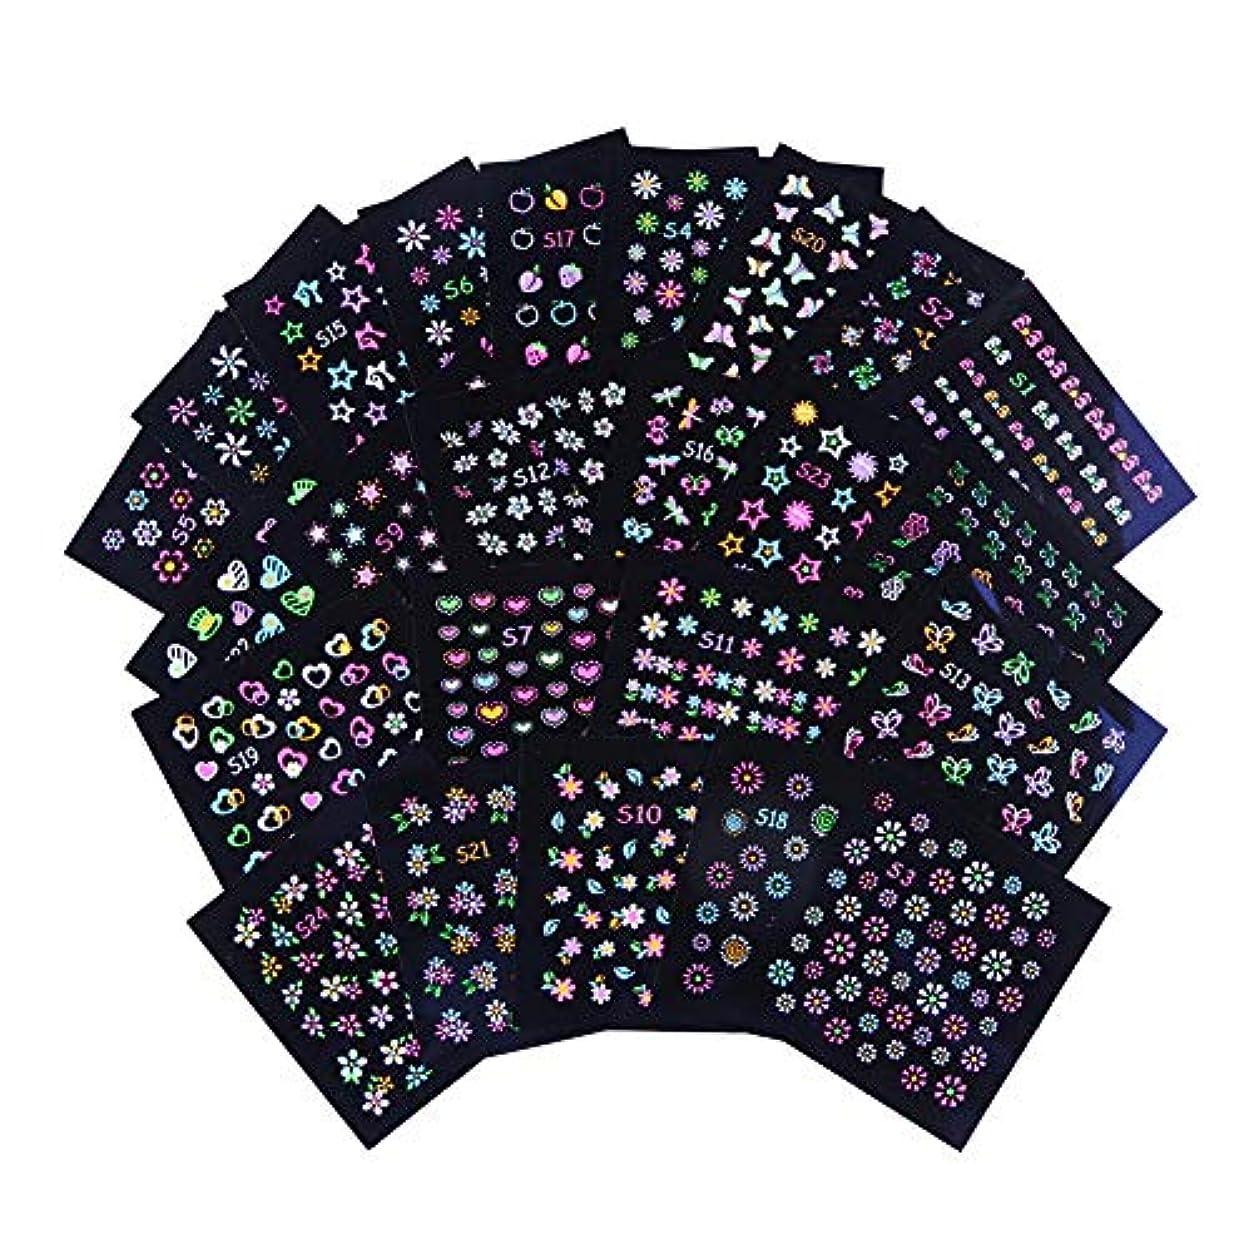 溶接イブニング可決Xiurues ネイルステッカー ネイルシール ネイルデコレーション 24枚 3Dネイルステッカー蛍光蝶の花びら かわいいネイルパーツ ファッションネイルスパンコール ネイルシェル 環境保護は爪を傷つけません ネイルアートパーツ